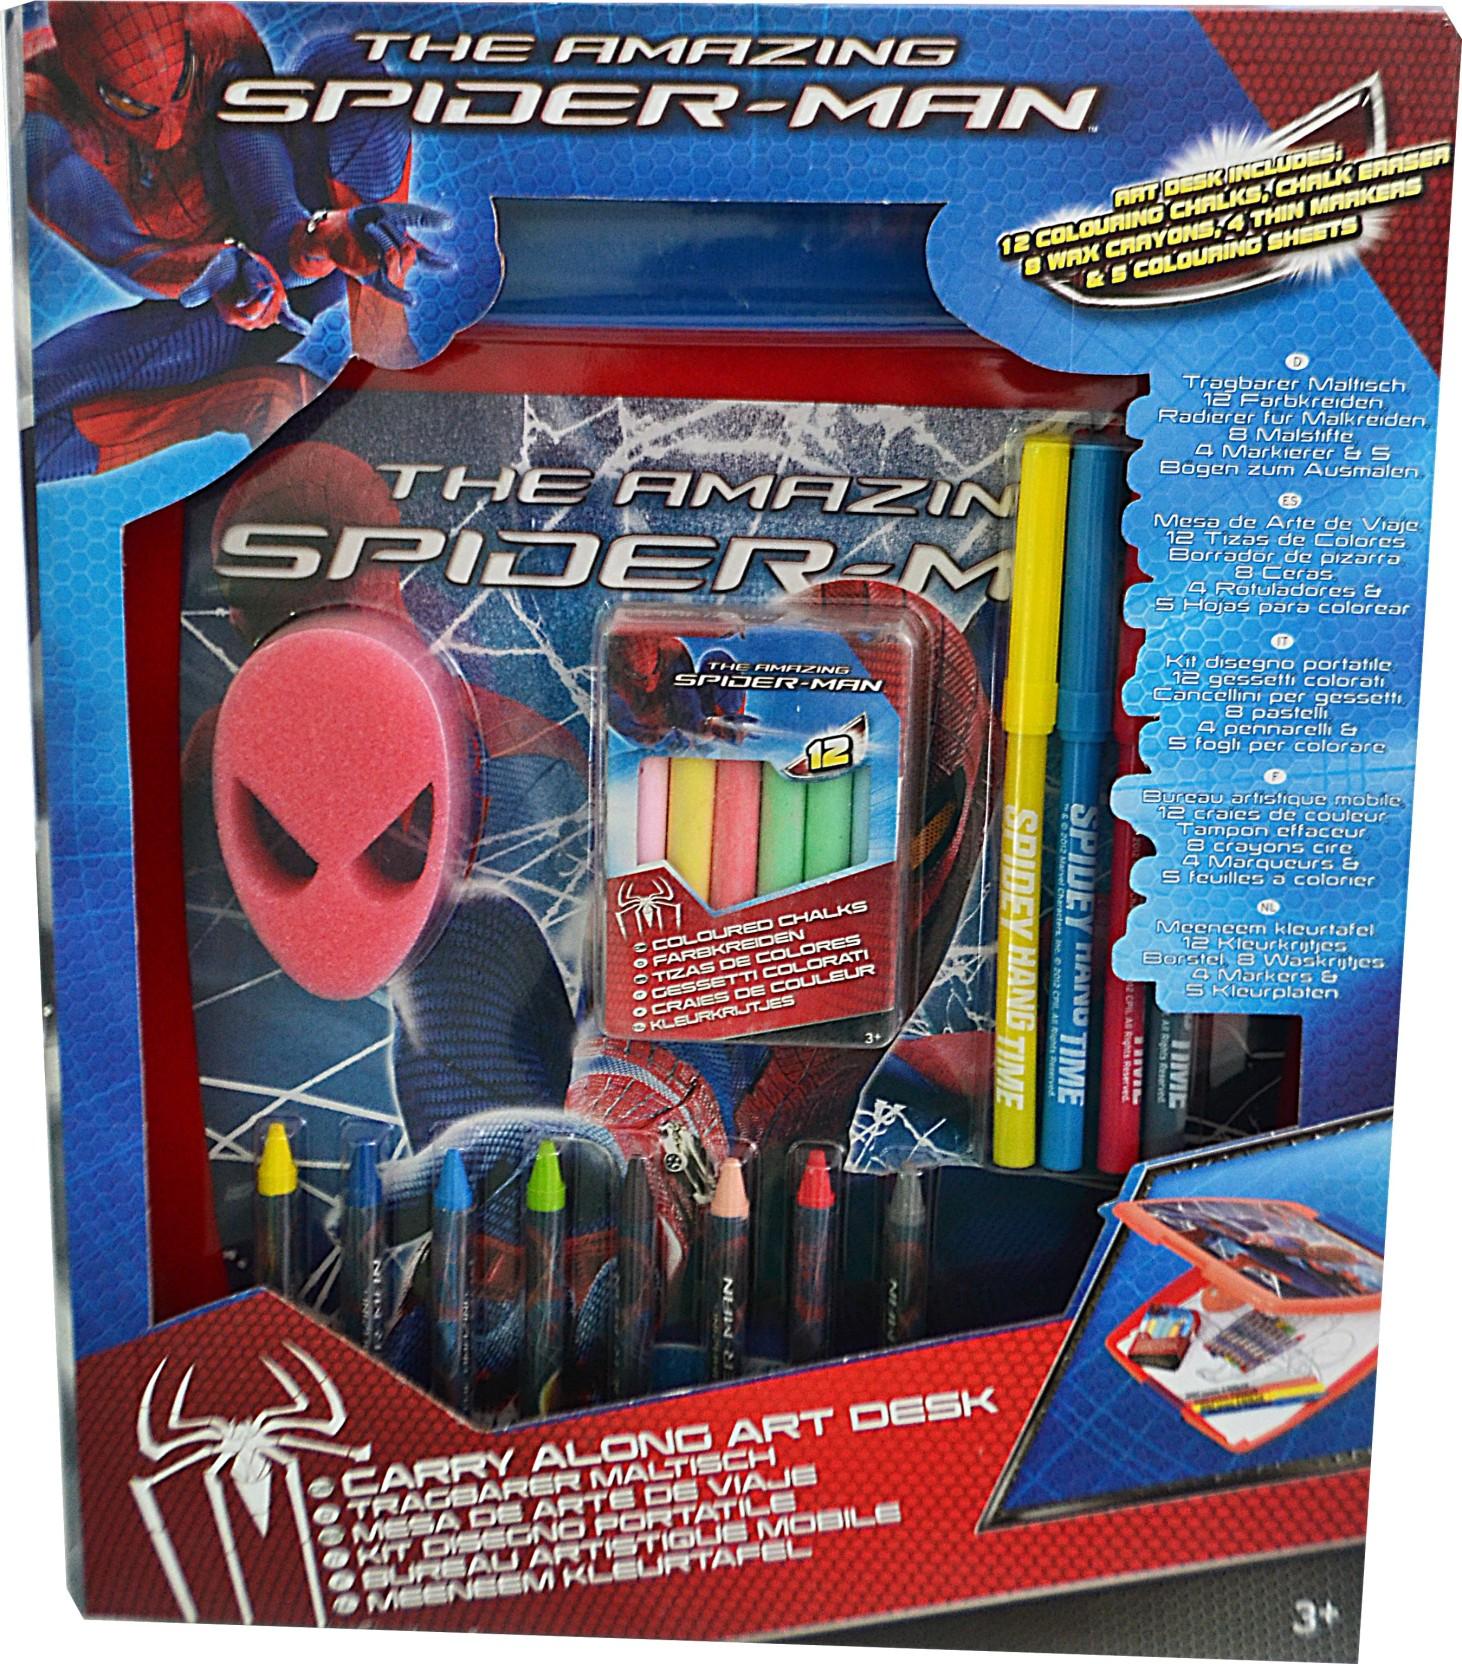 Kleurplaten Spiderman 4.Simba Sambro Spiderman 4 Carry Along Art Desk Sambro Spiderman